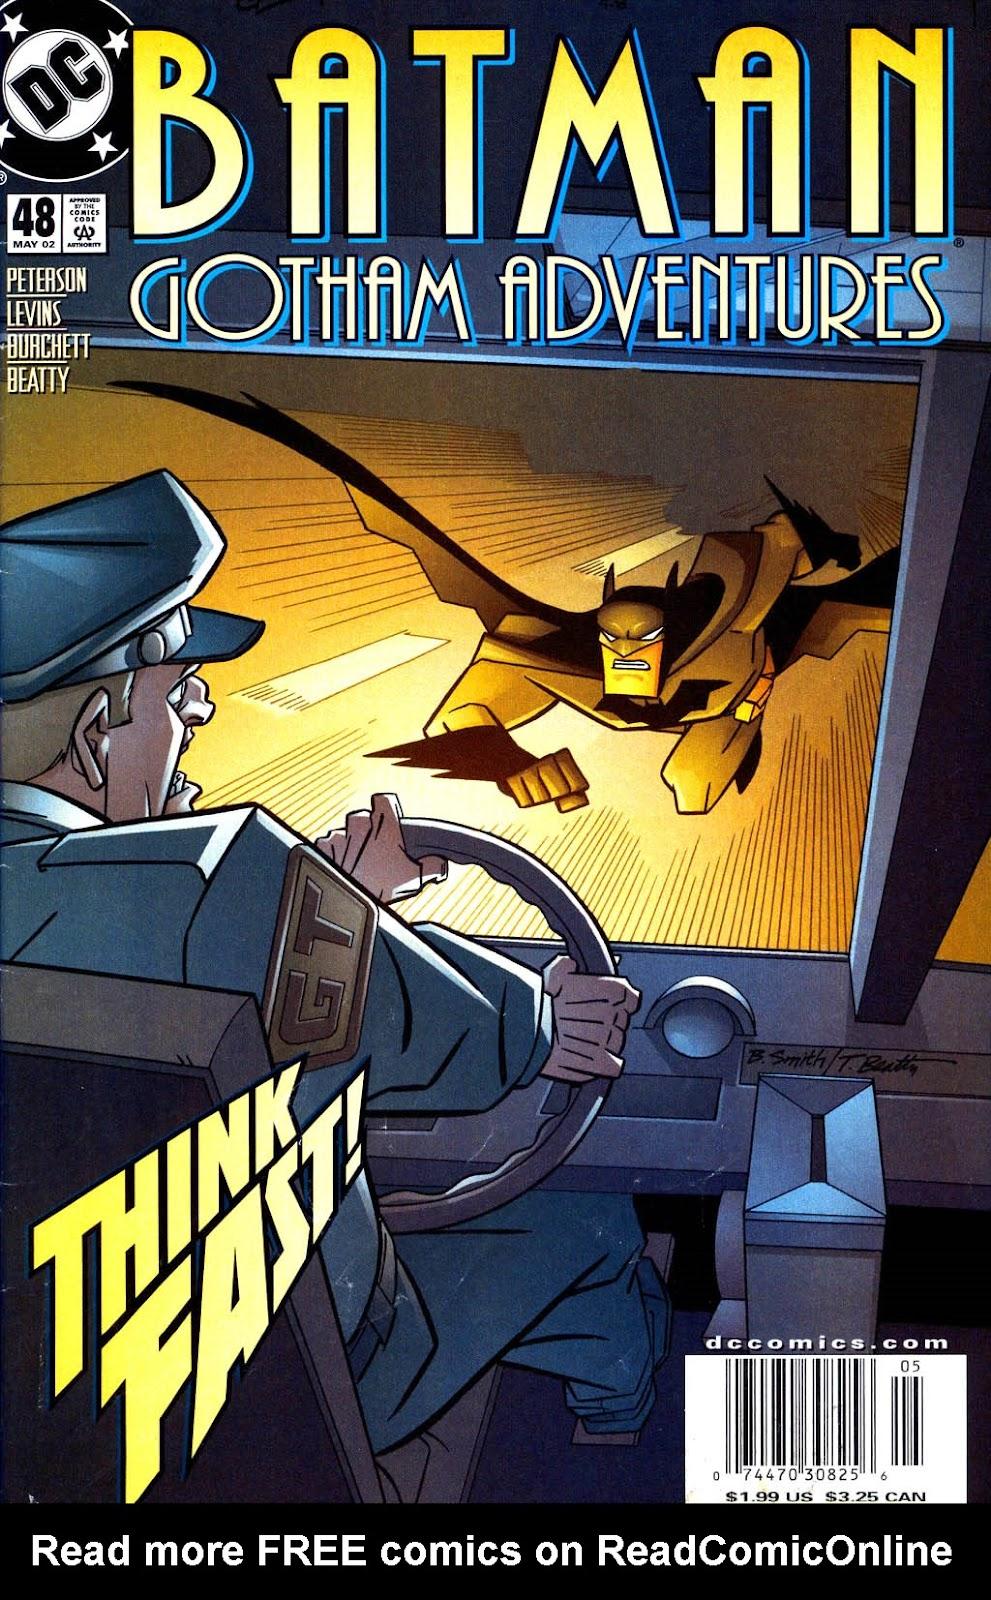 Batman: Gotham Adventures issue 48 - Page 1